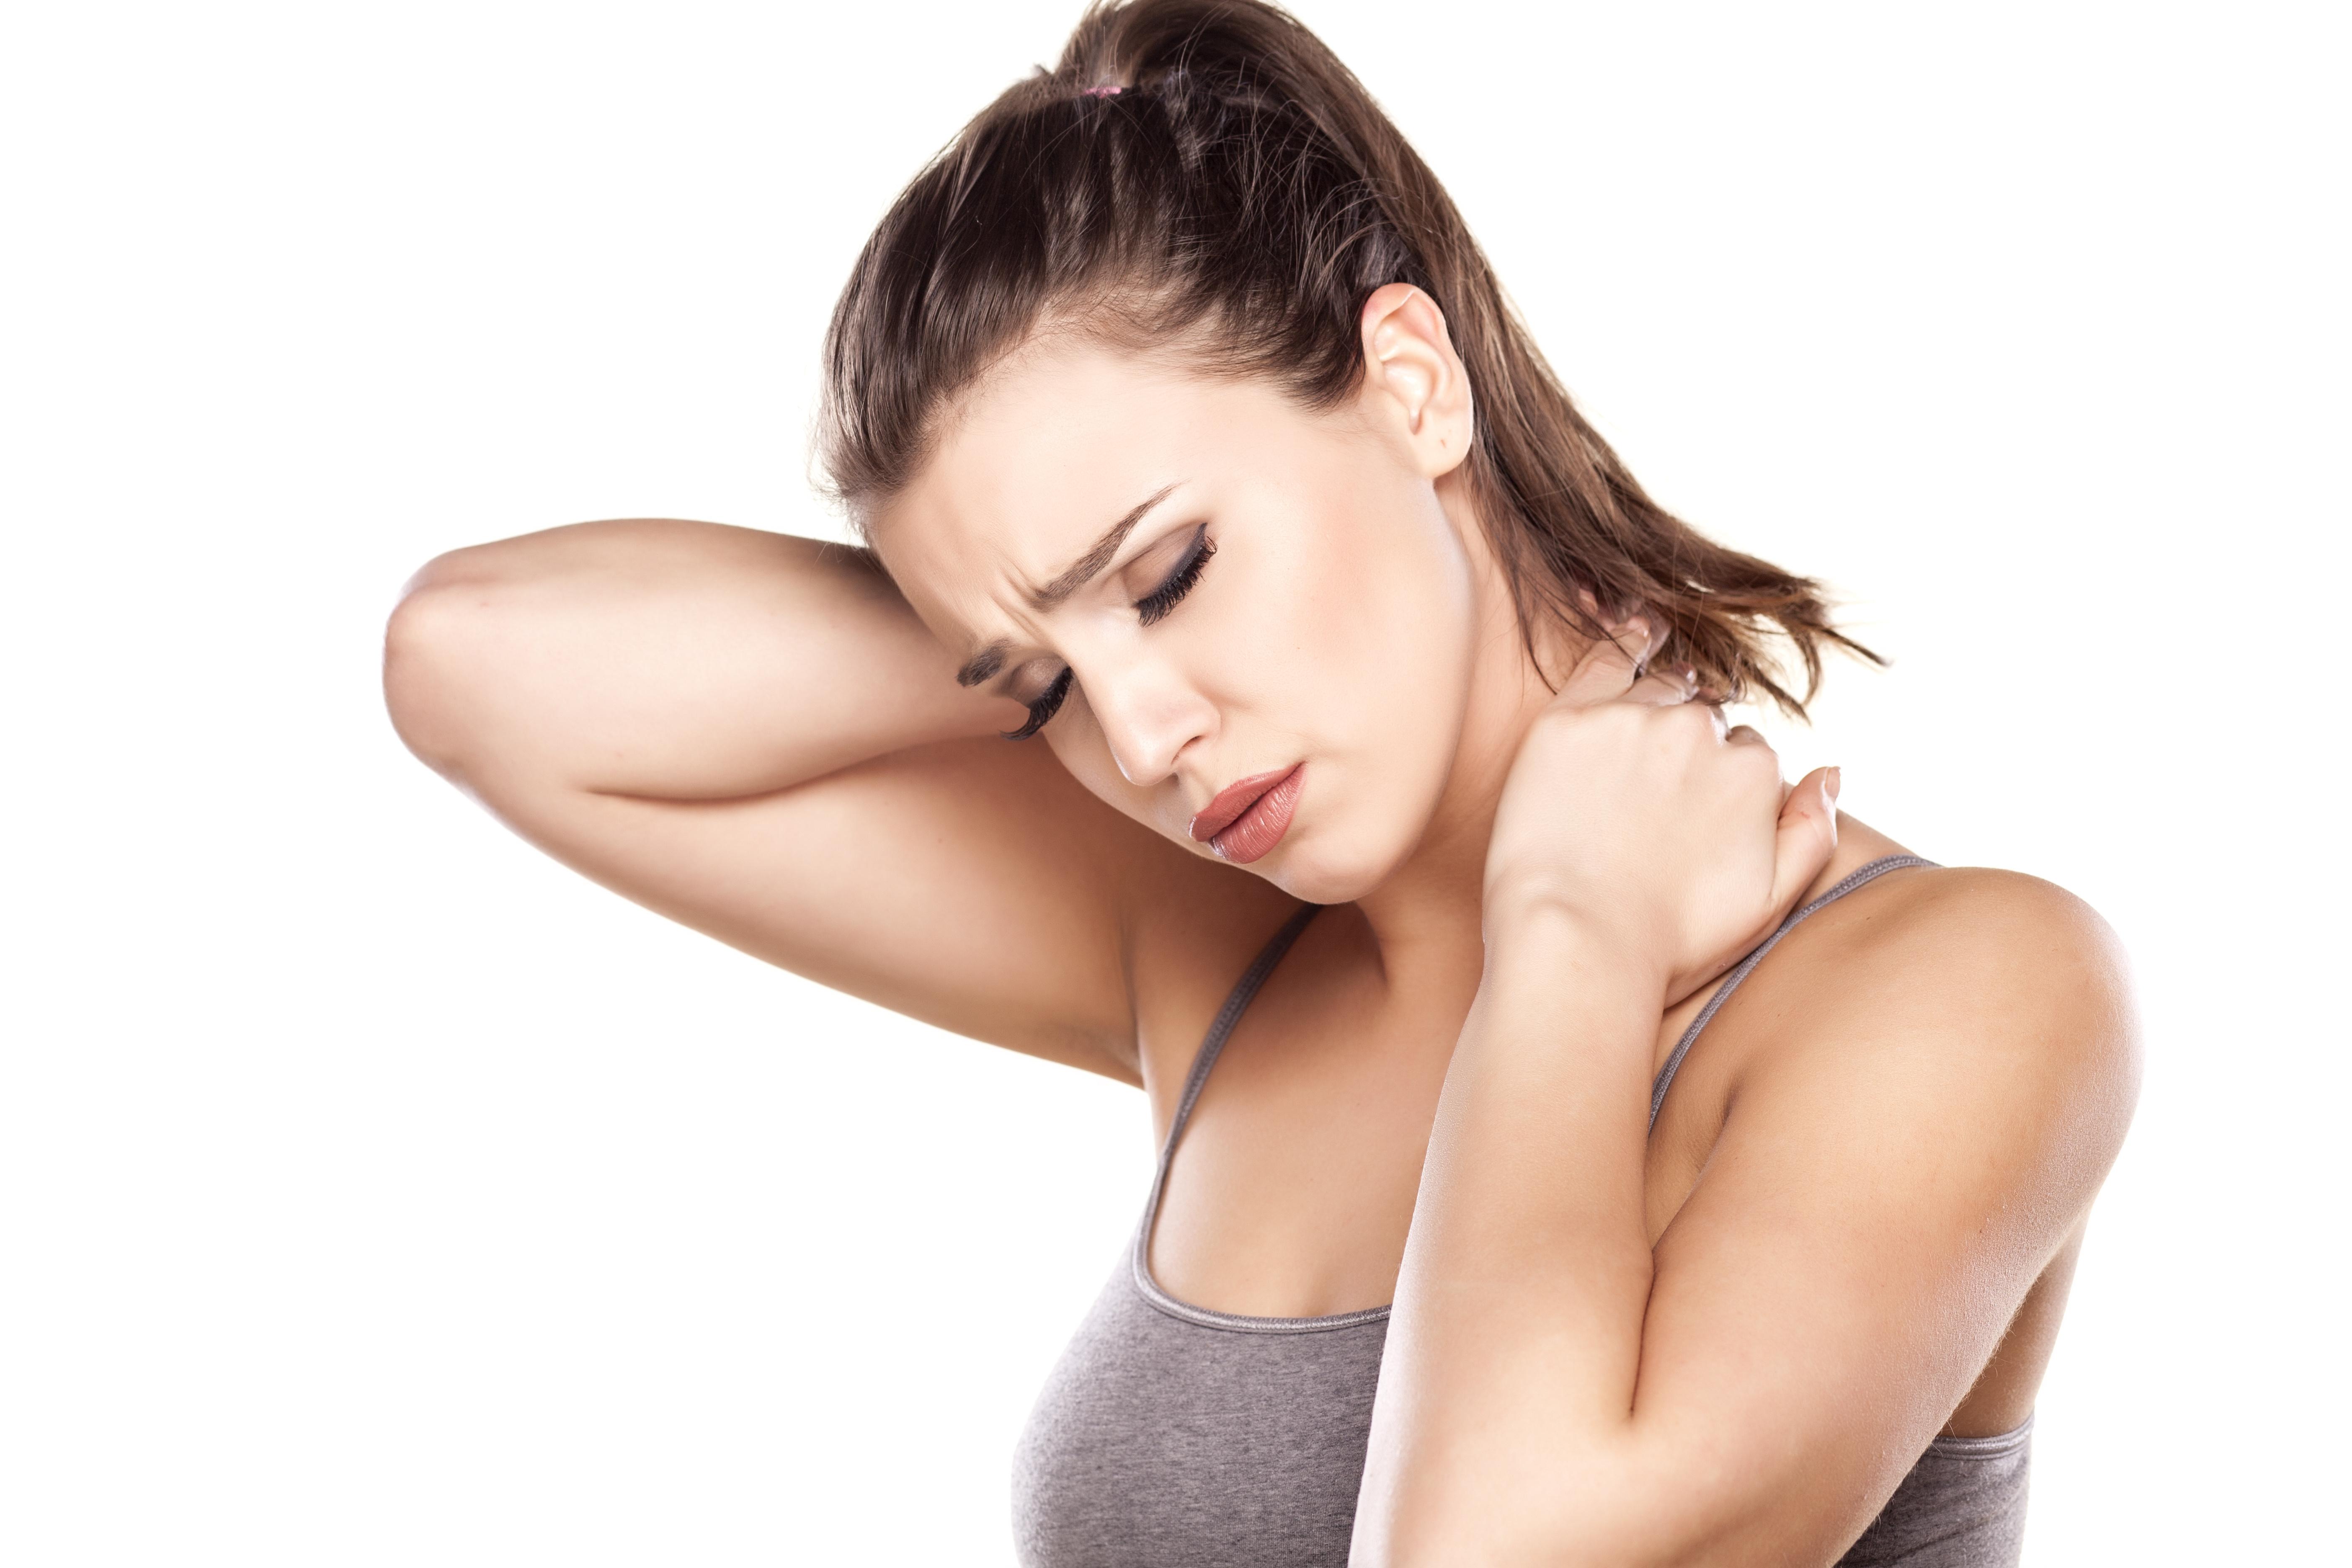 Emicrania, Cervicale e Mal di Schiena, come batterli migliorando la propria postura